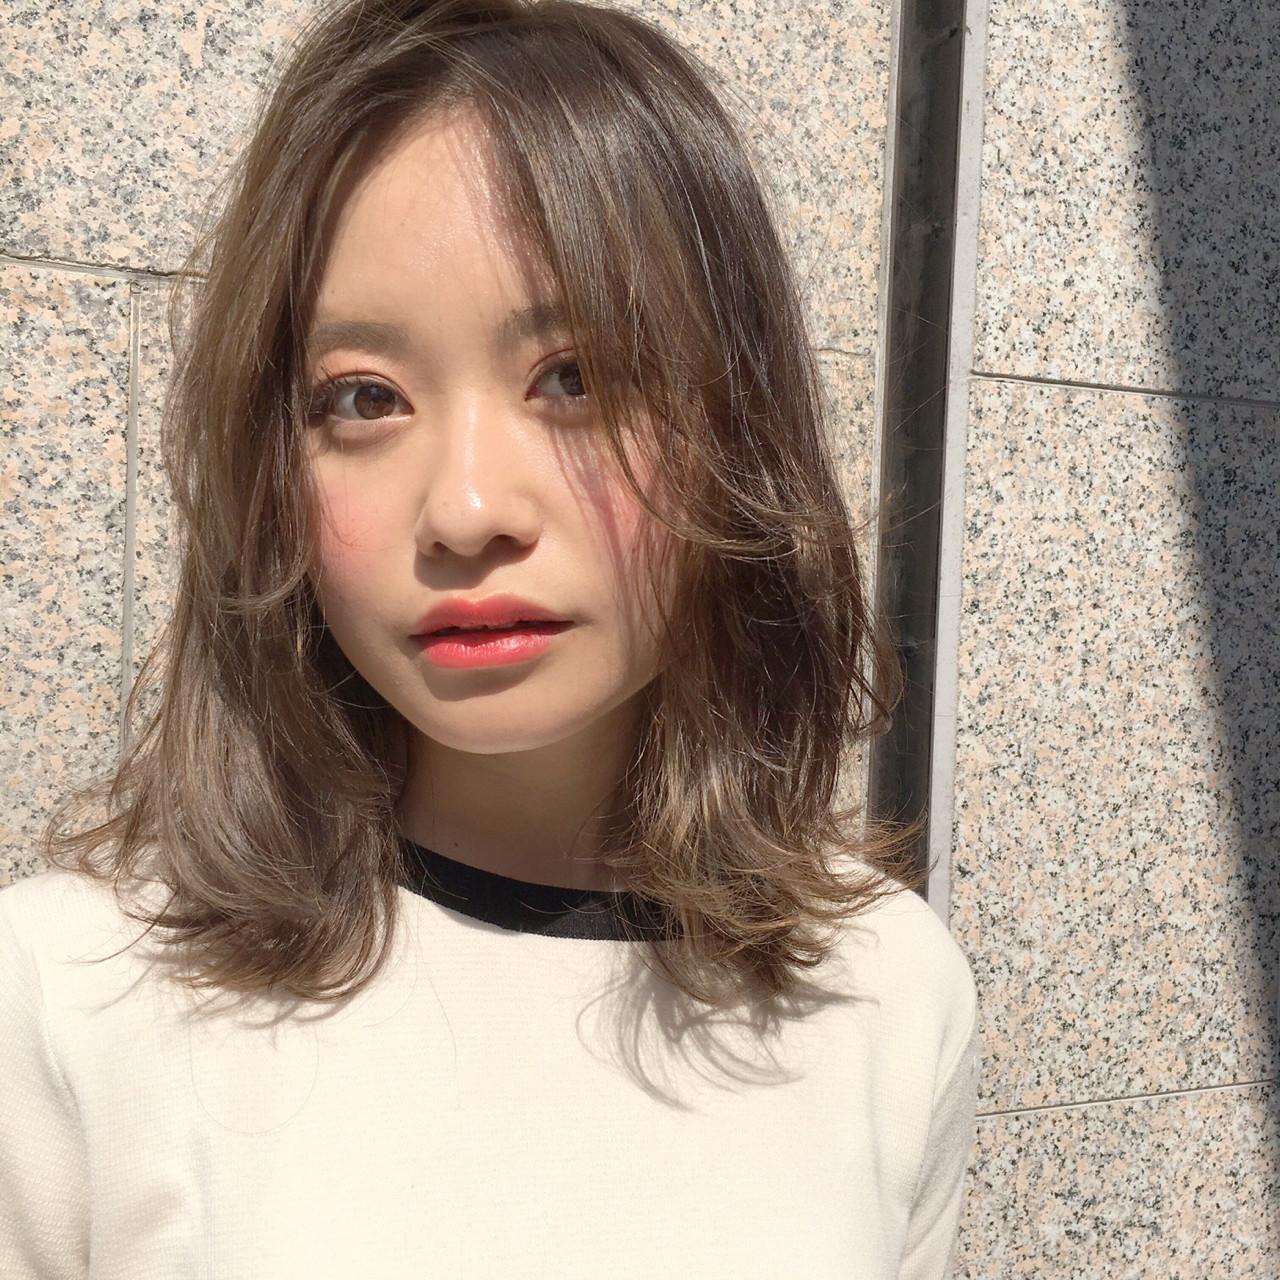 こなれ感 ミディアム ヘアアレンジ デート ヘアスタイルや髪型の写真・画像 | ナガヤ アキラ joemi 新宿 / joemi by Un ami